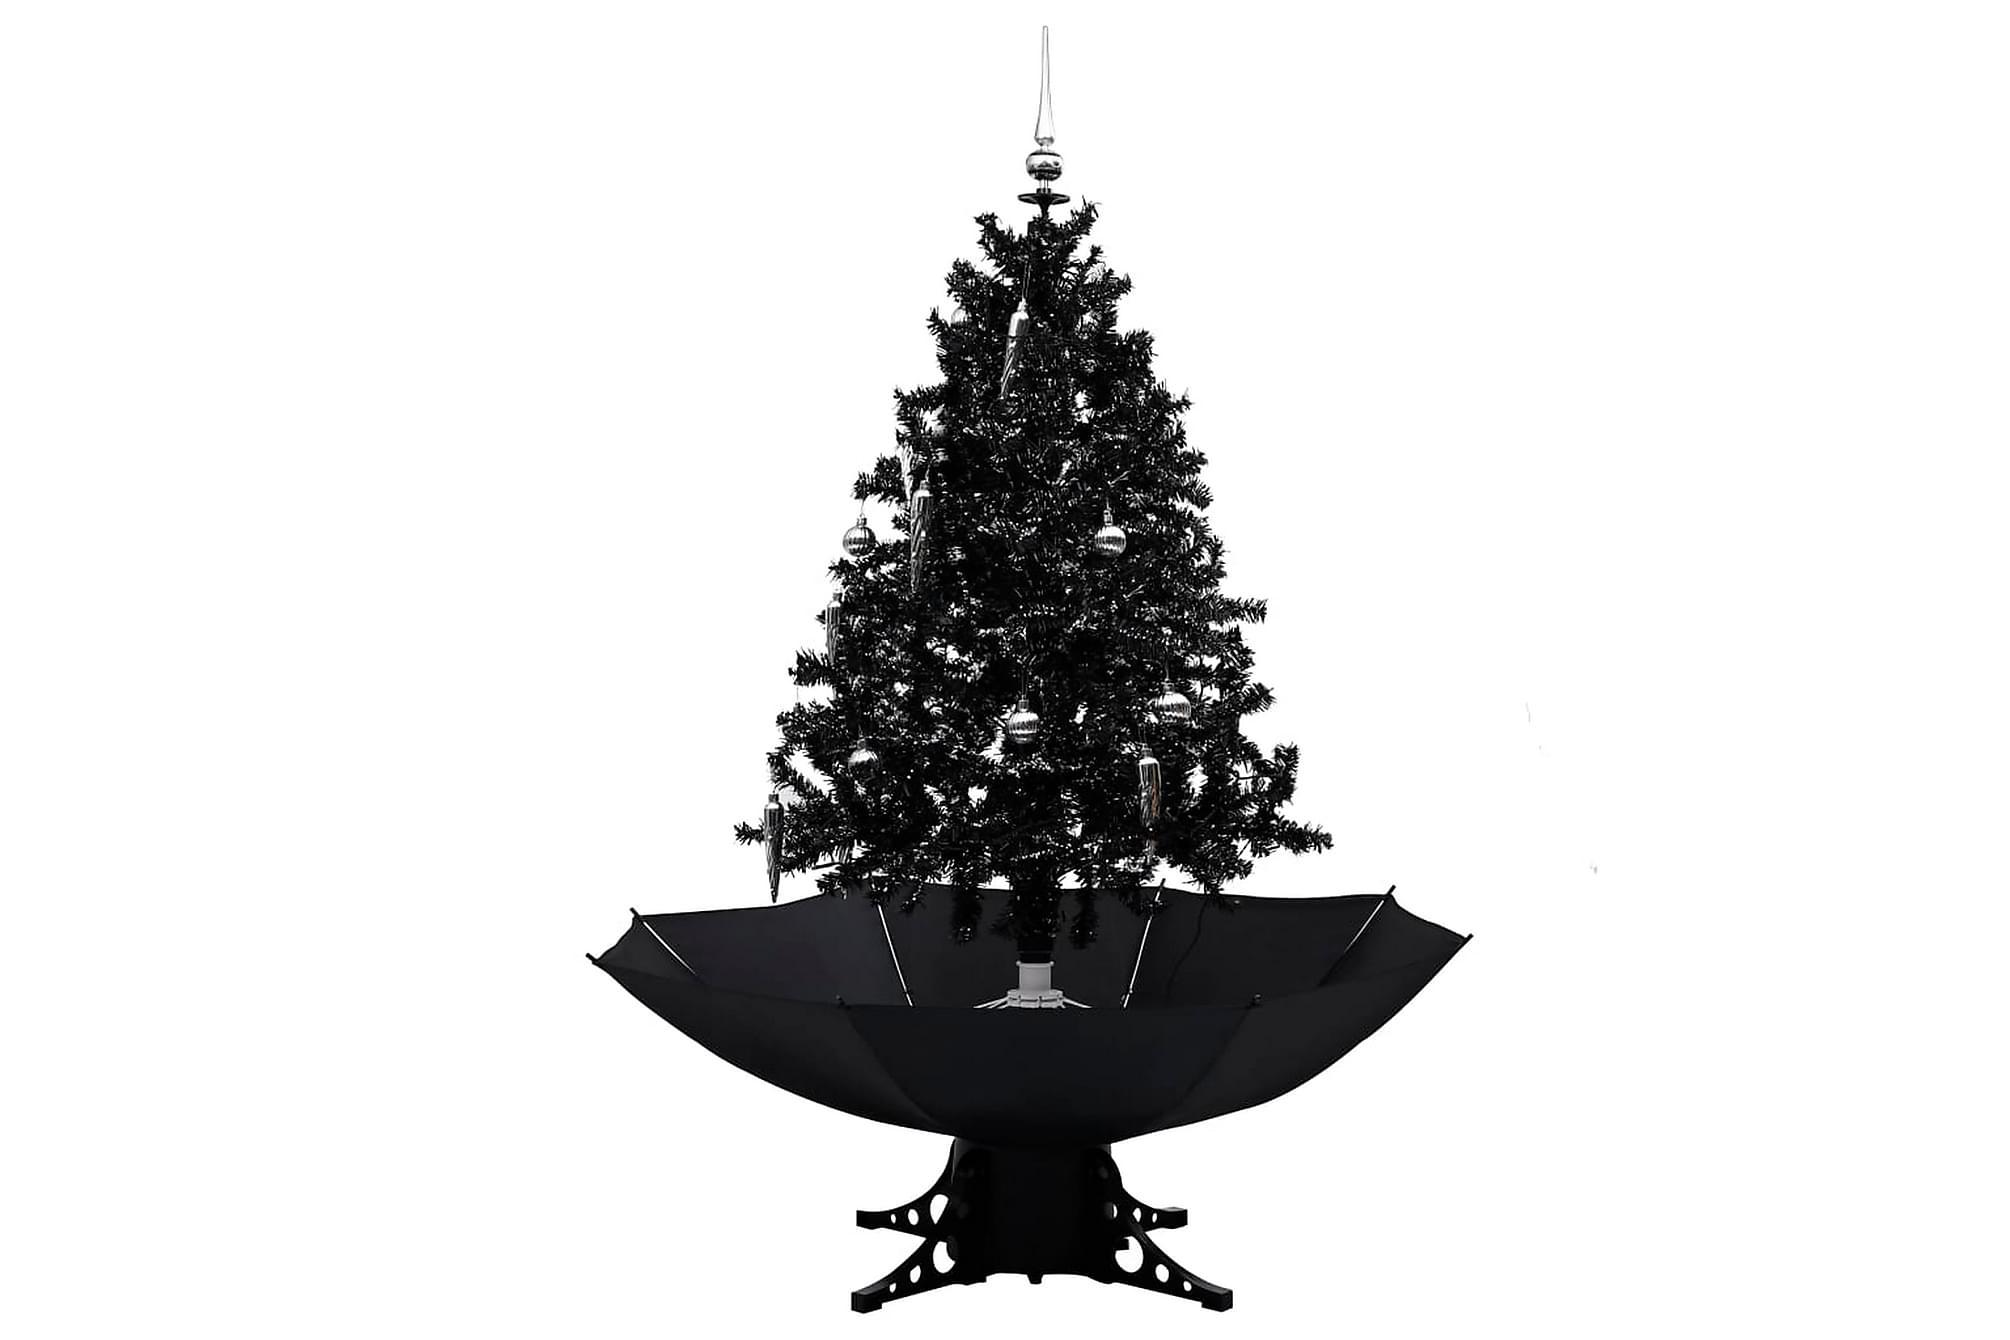 Julgran med snö och paraplybas svart 140 cm PVC, Julpynt & juldekoration